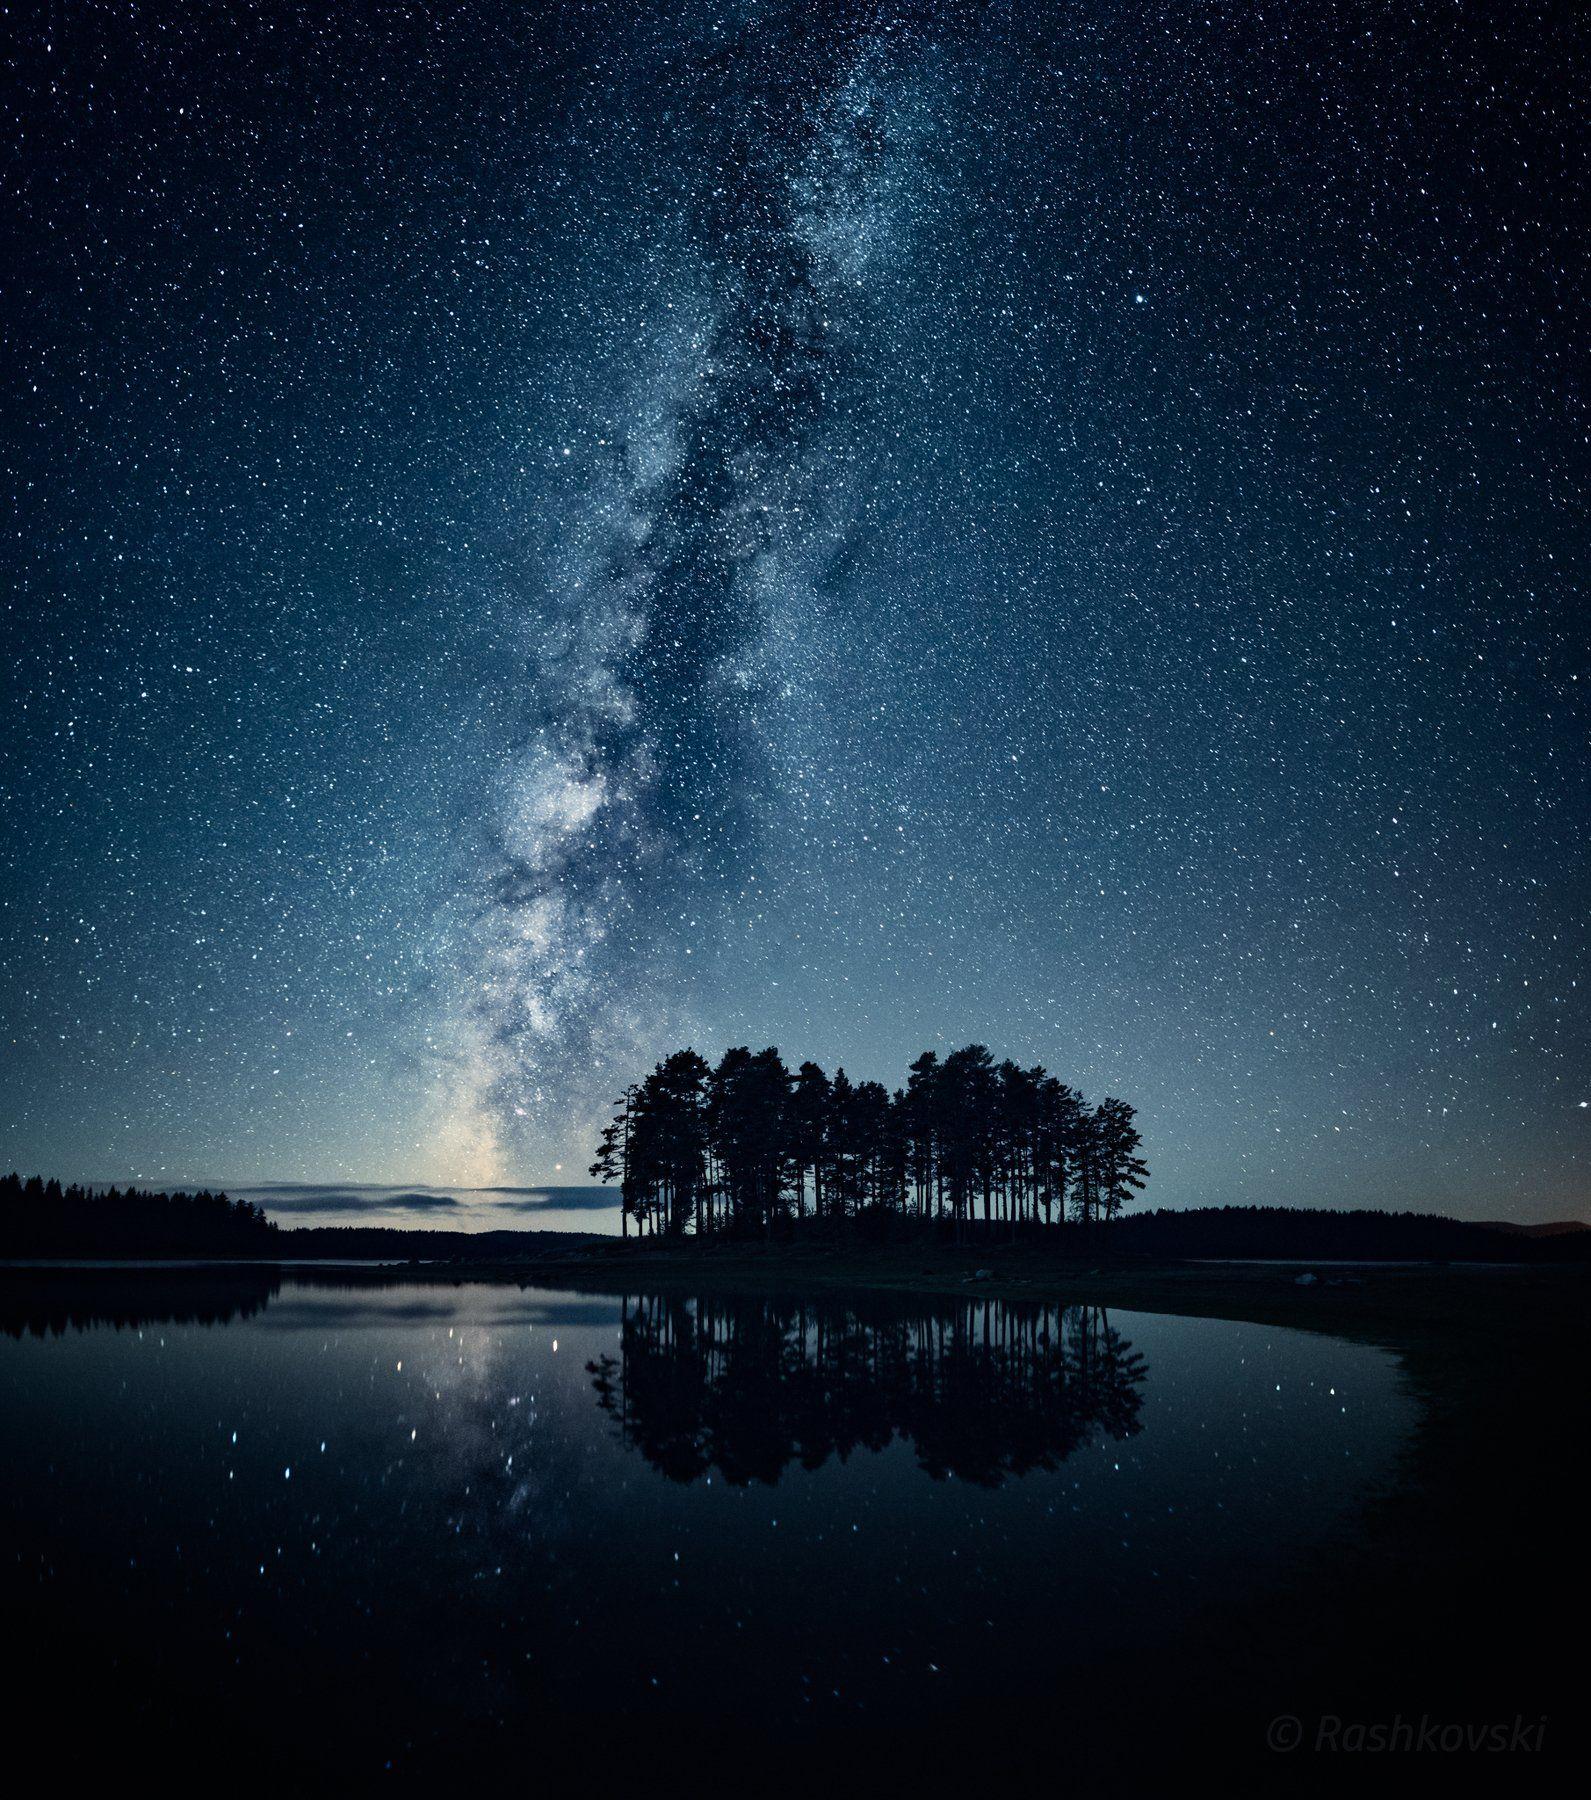 night, nightscape, lake, stars, Емил Рашковски